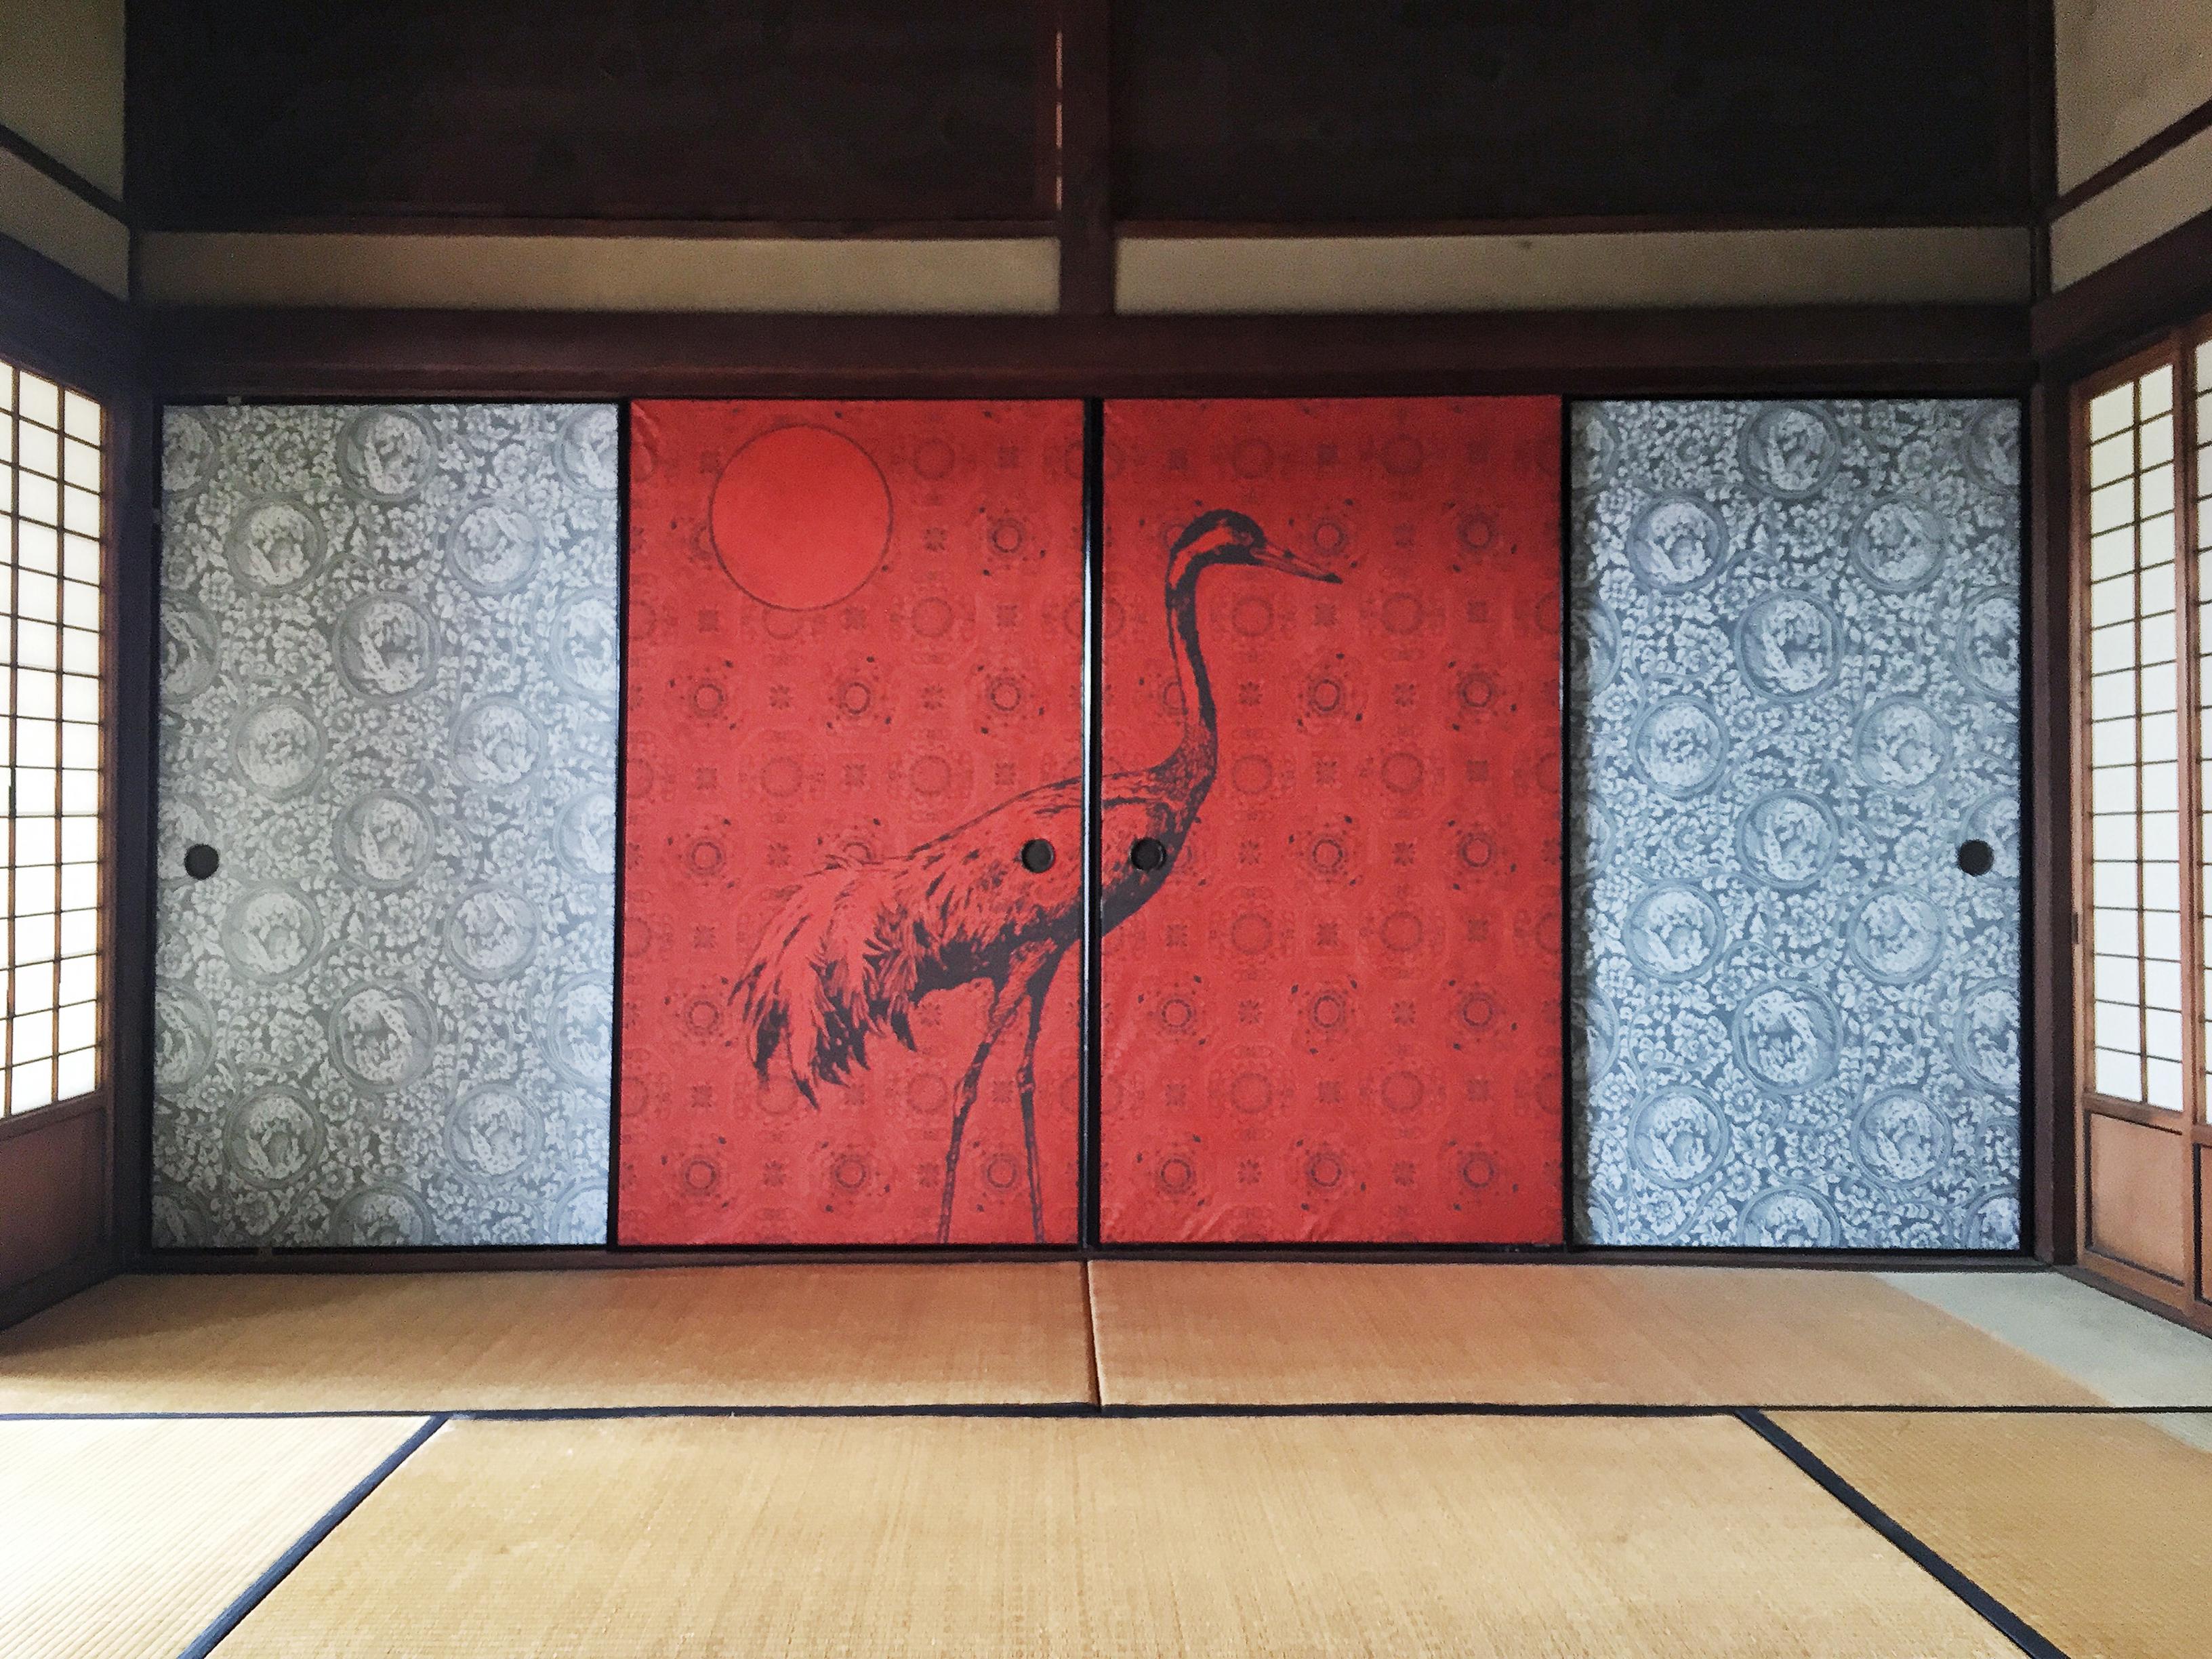 TSIKINITSURU SHU/SHISHIZIMON AINEZU